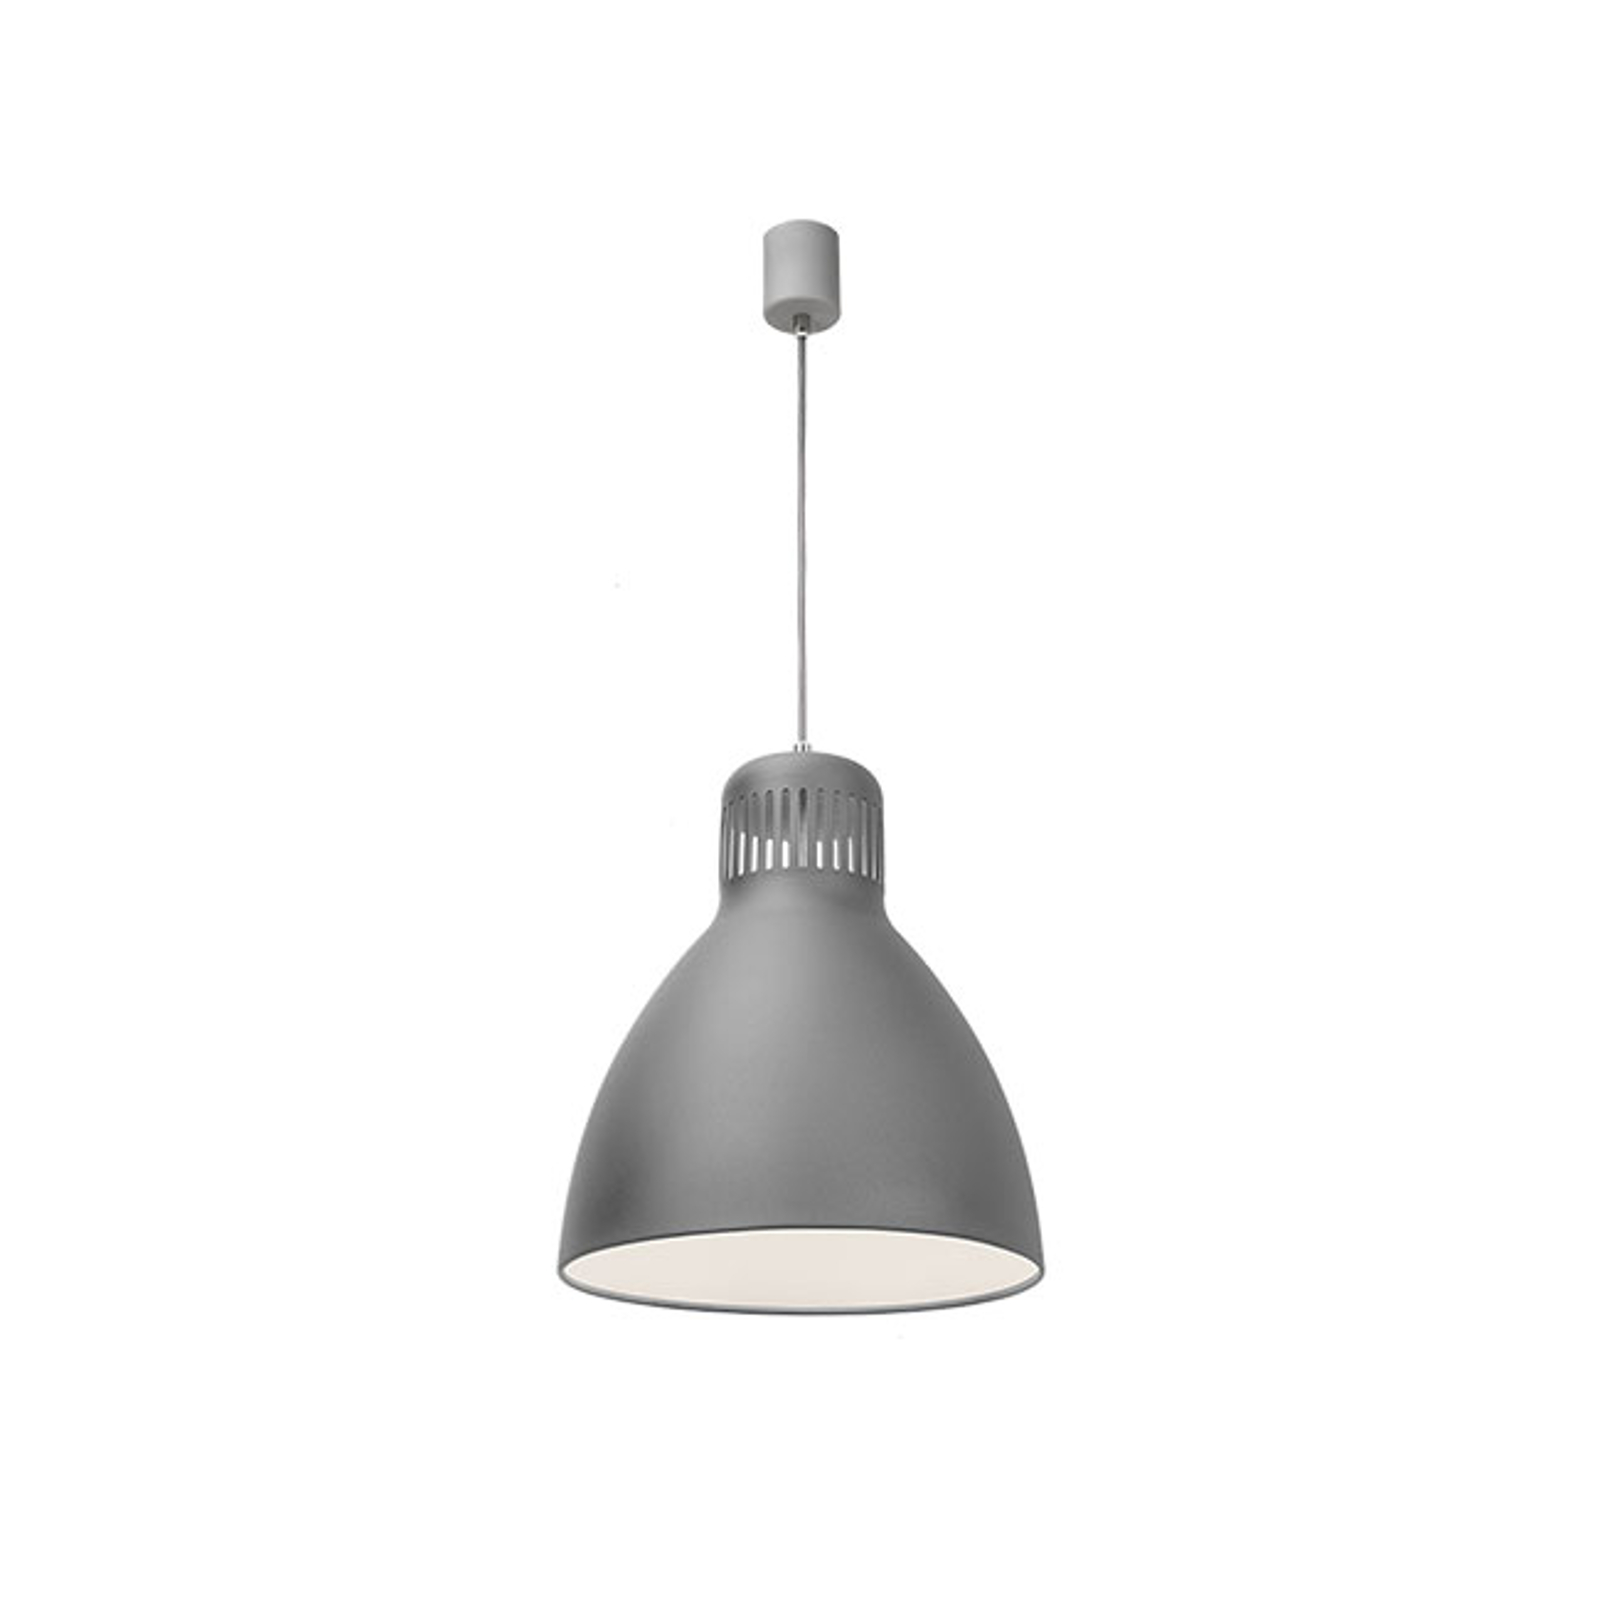 Lampa wisząca LED L-1, DALI, 4000 K, szara